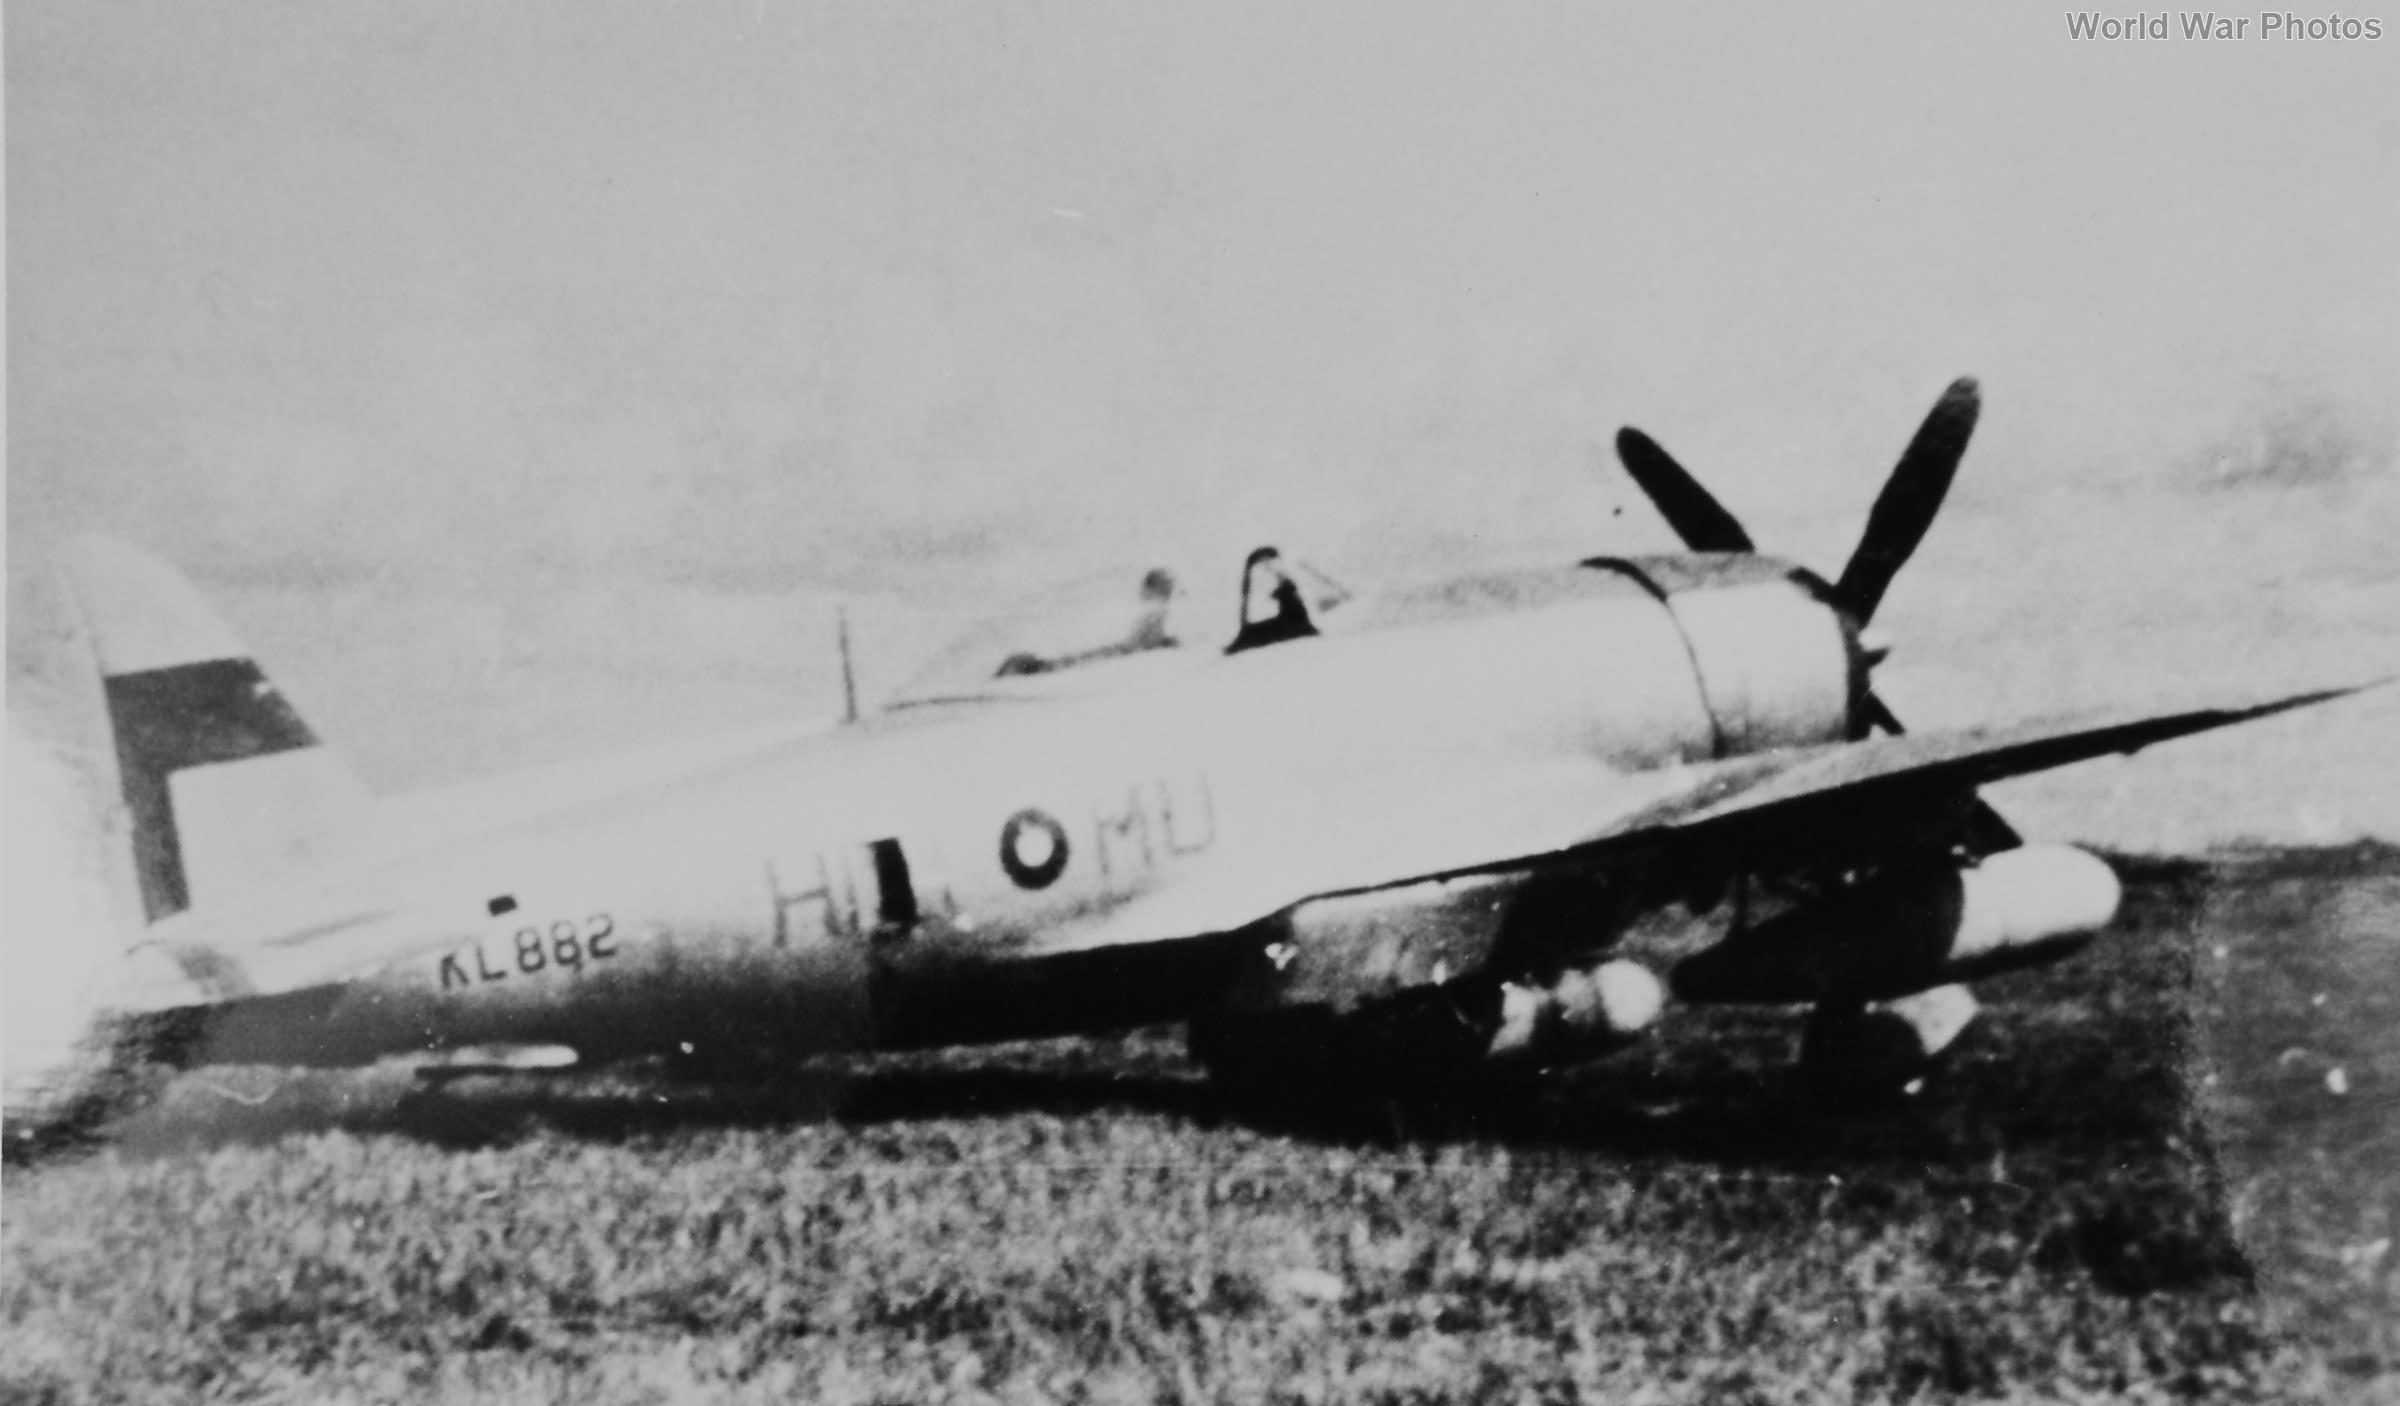 P-47D KL882 60 Squadron